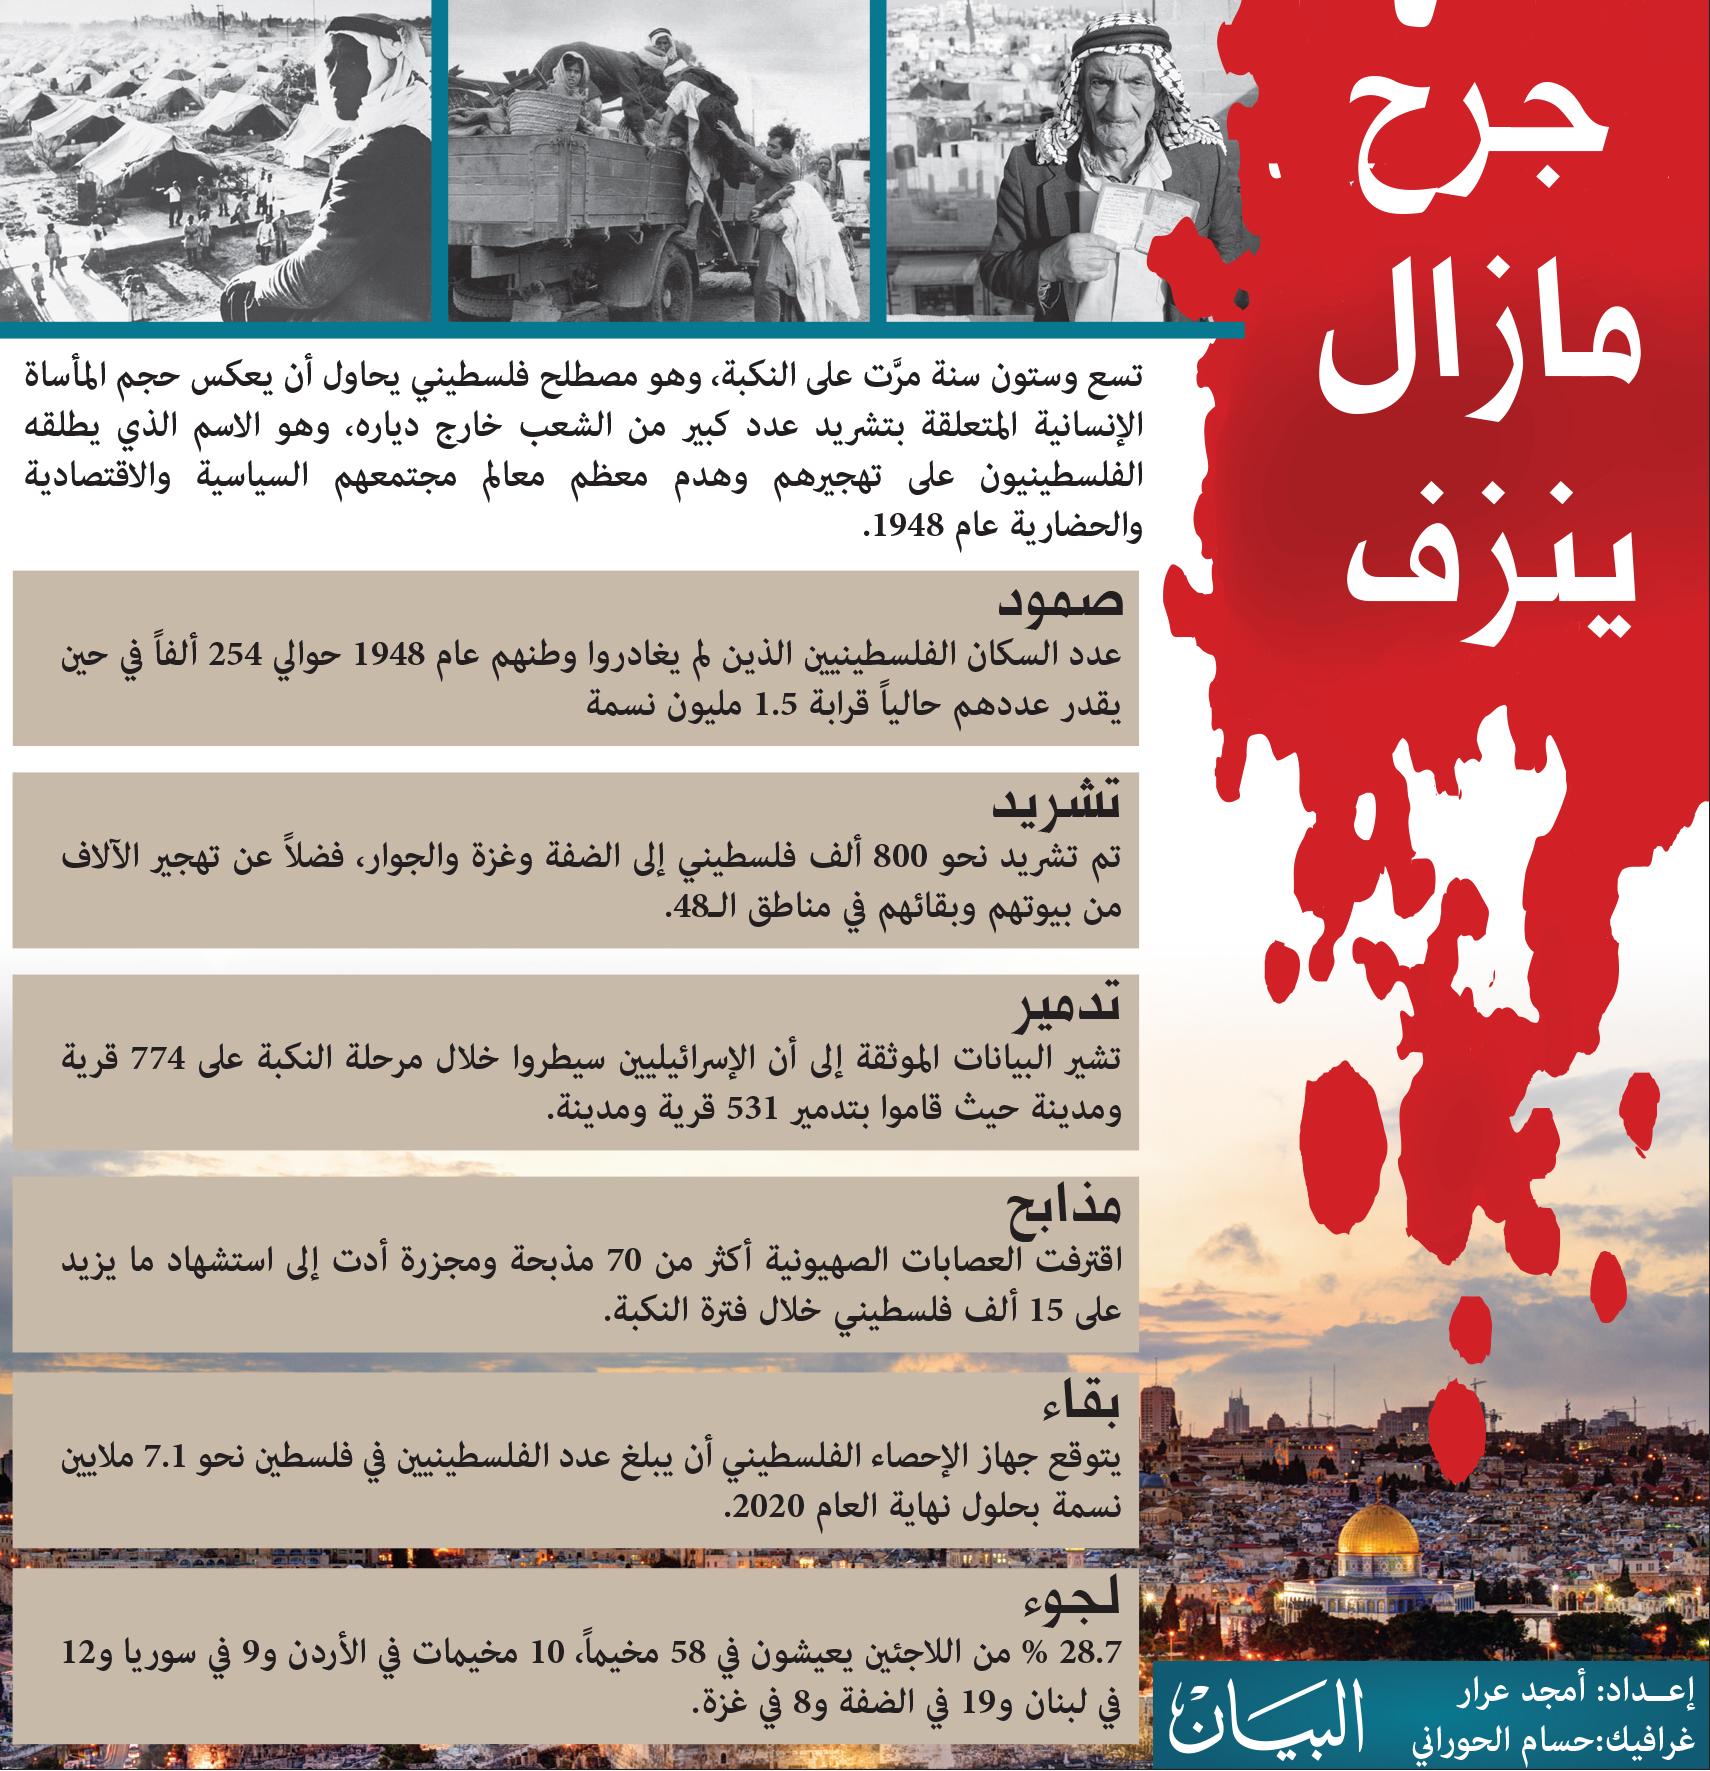 الفلسطينيون يحيون الذكرى الـ69 للنكبة